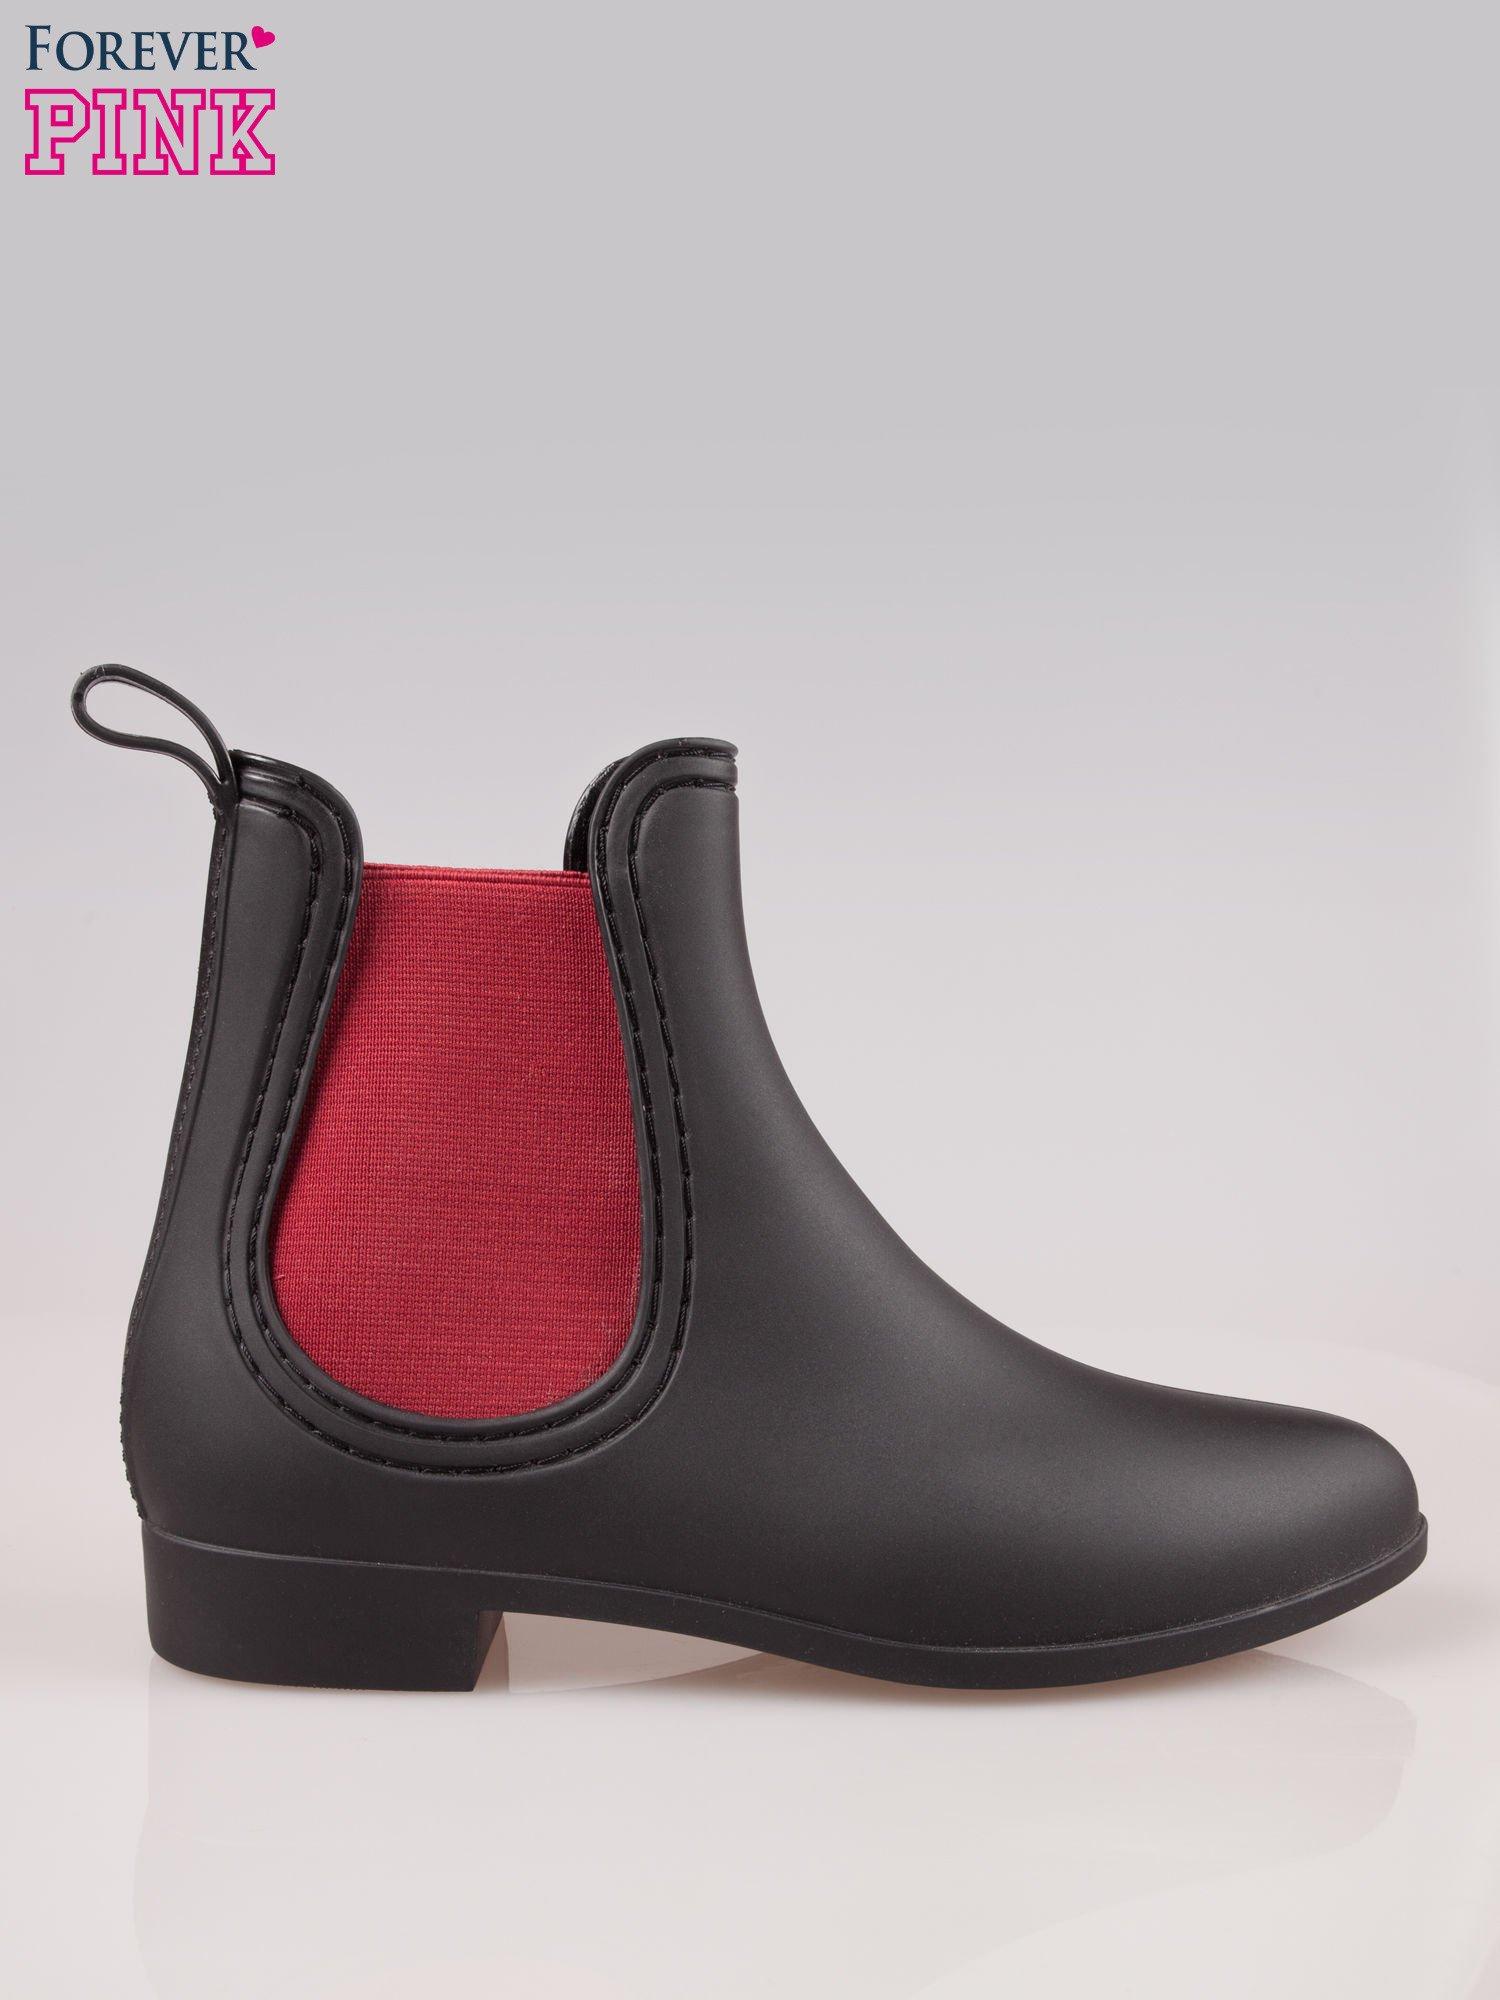 Czarne niskie kalosze z czerwoną gumą po bokach cholewki                                  zdj.                                  1